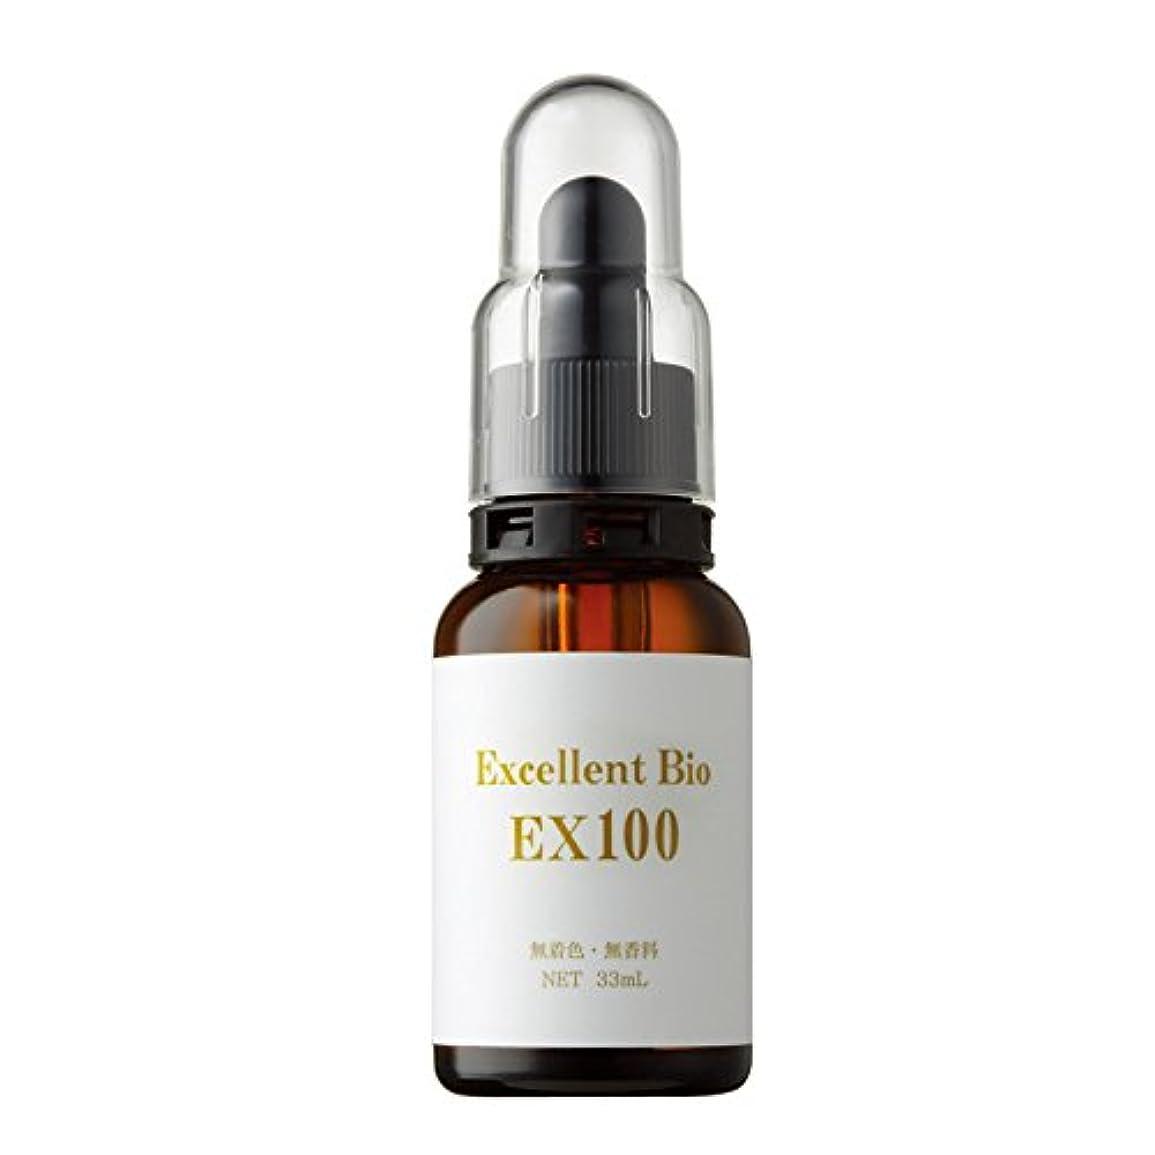 コートナットソーシャルエビス化粧品(EBiS) エクセレントバイオEX100 33ml 美容液 原液